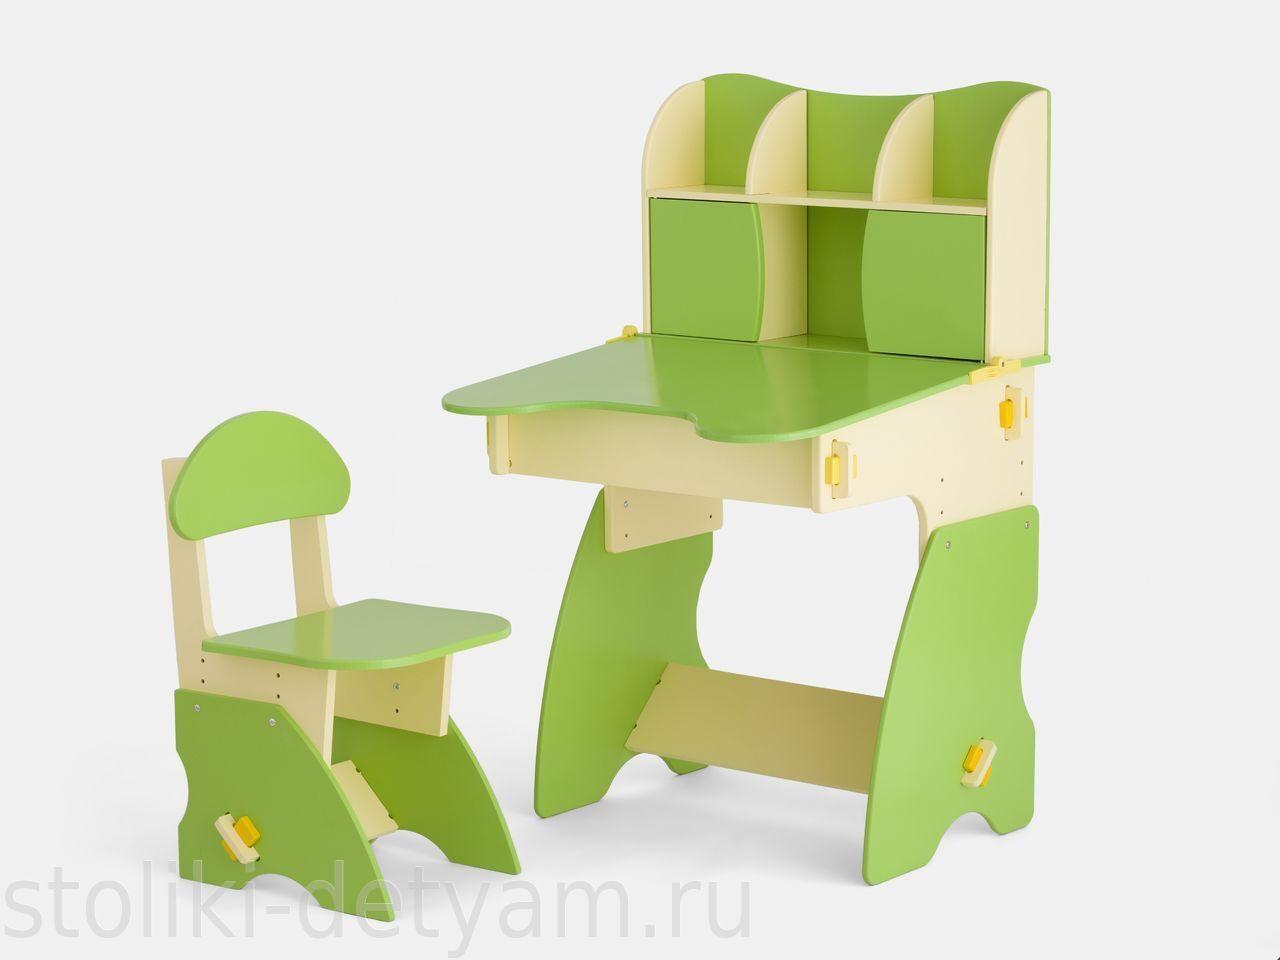 Детский столик с дверцами, бежево-салатовый БС-3 Столики Детям